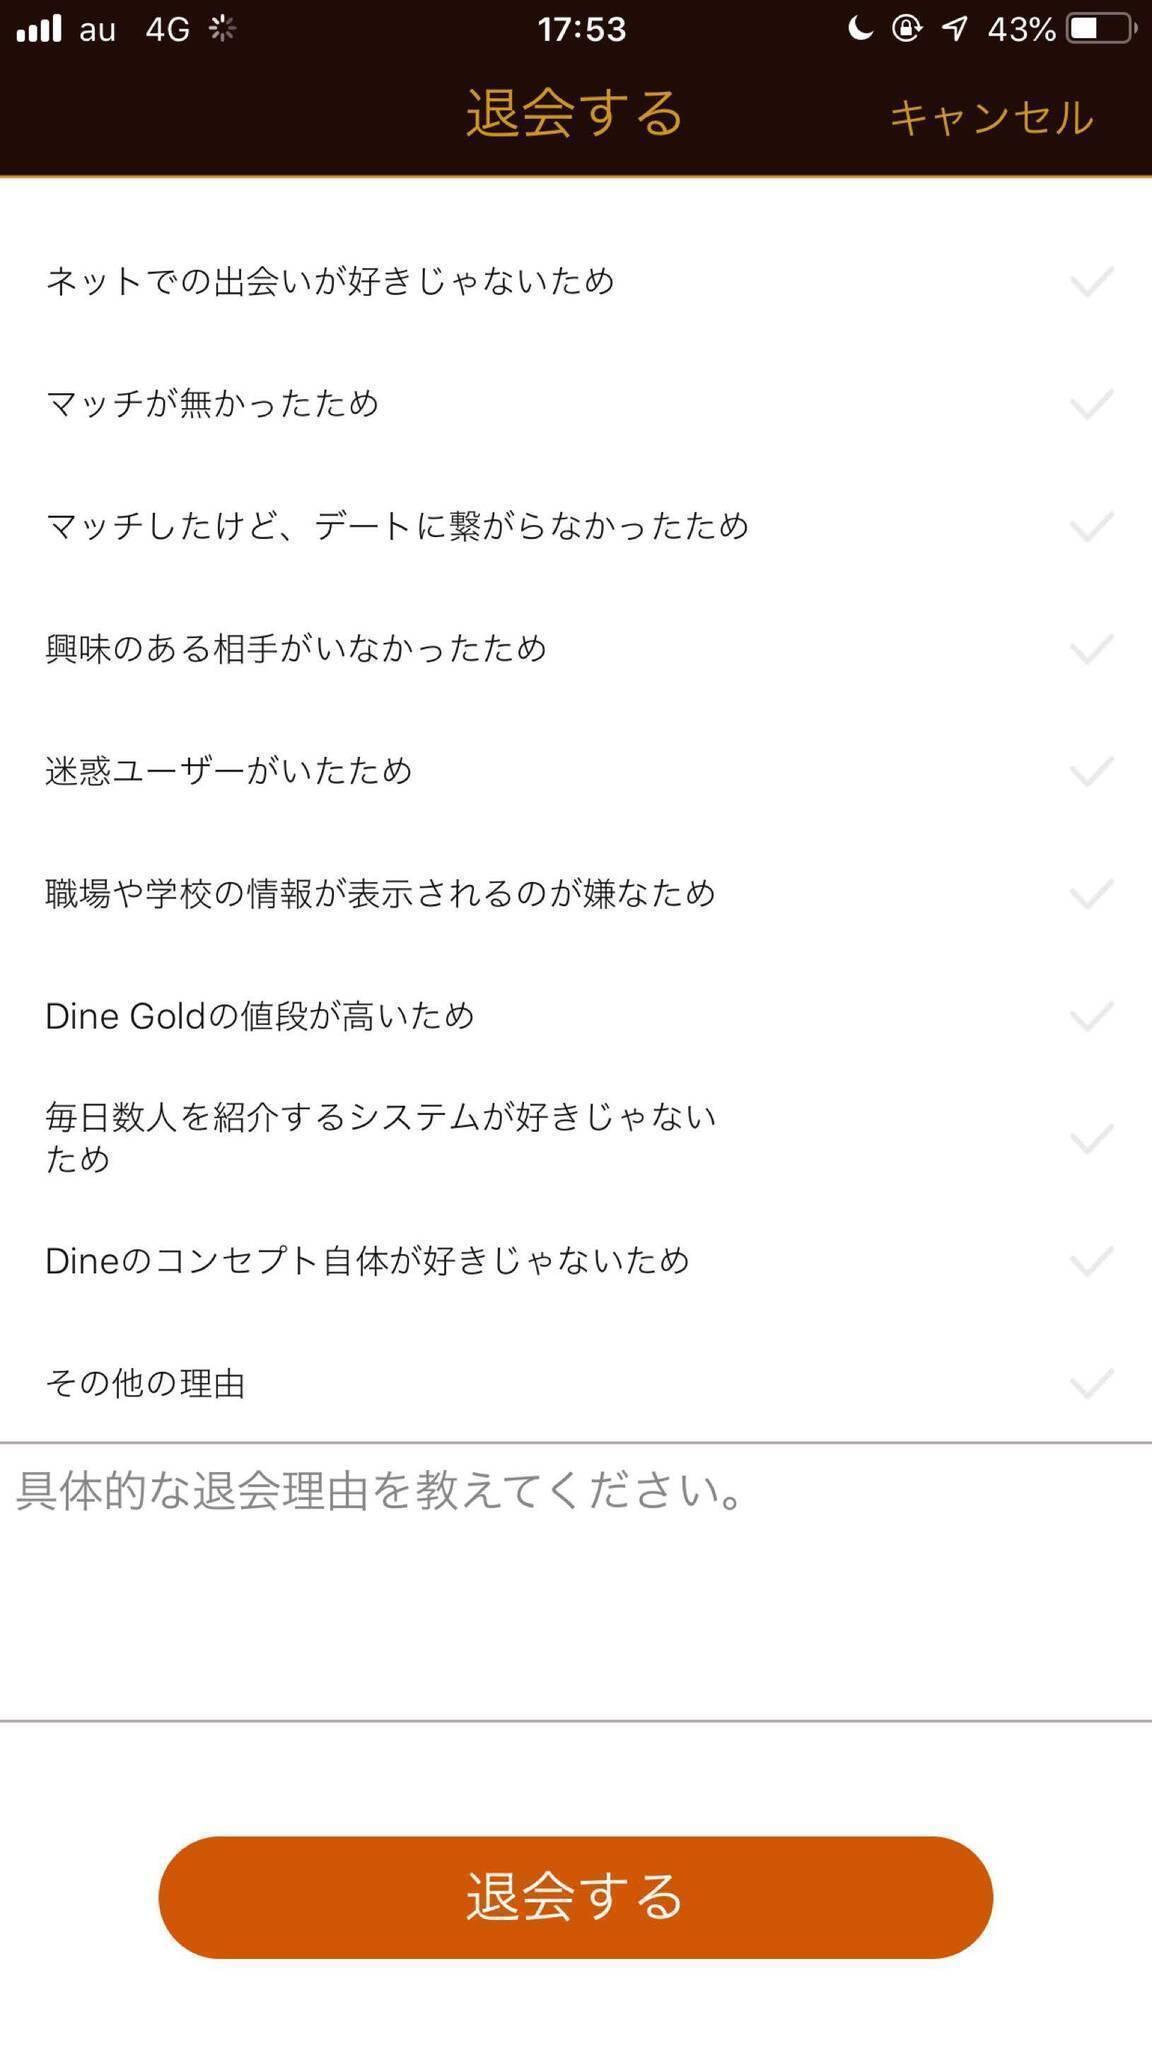 dine(ダイン) 退会後は自分のプロフィールの表示が完全に消える!